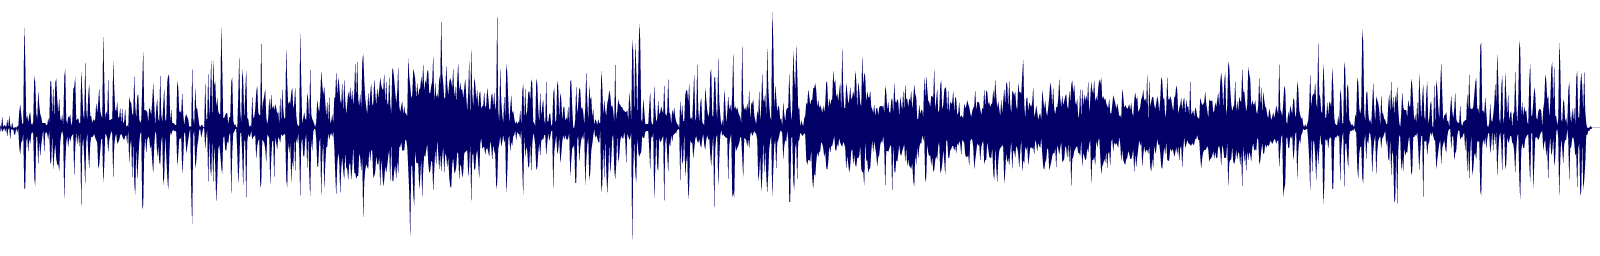 waveform of track #146178